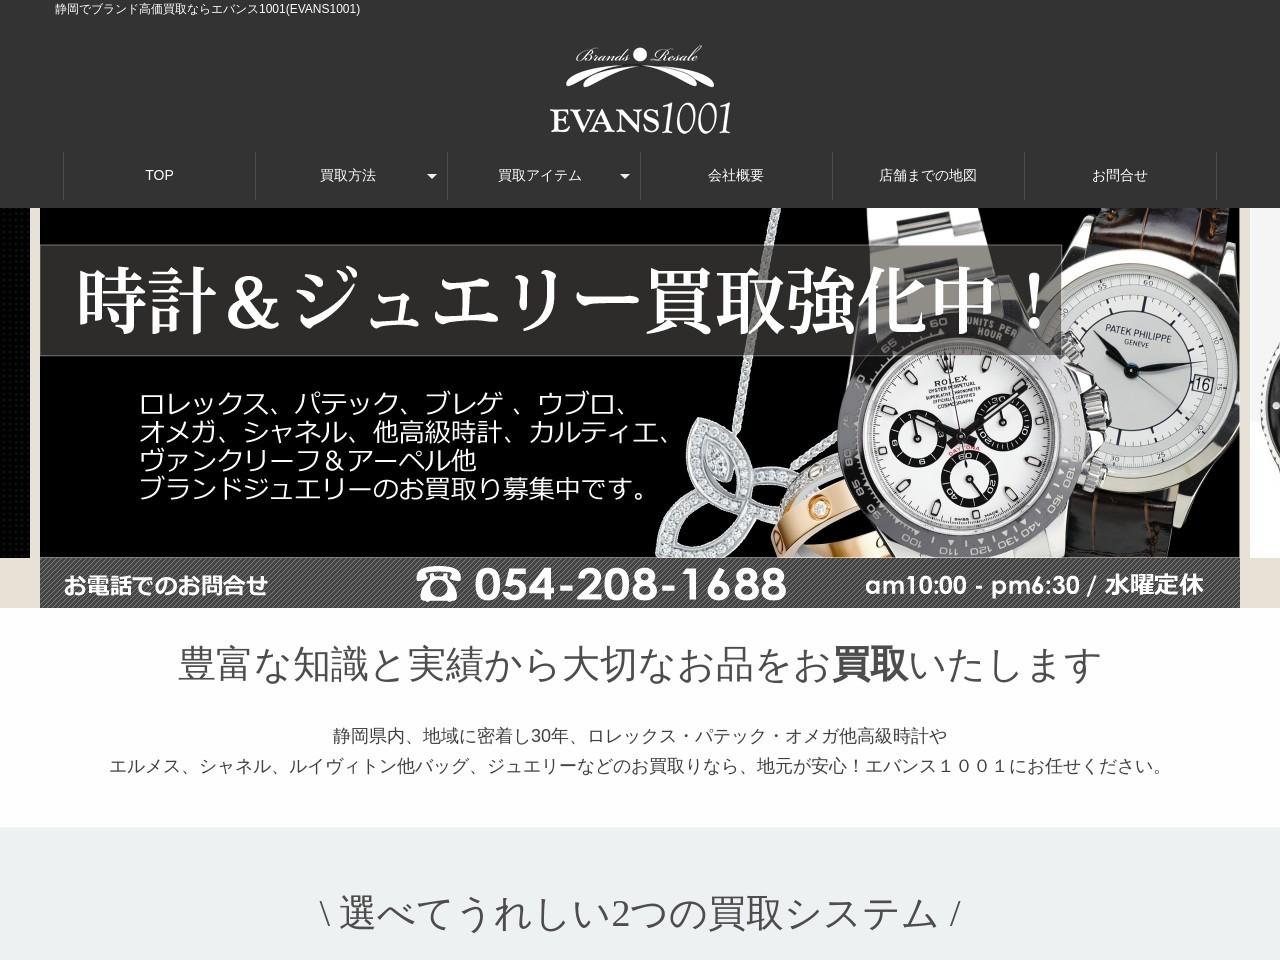 ブランド時計 バッグ 貴金属 買取りなら静岡のエバンス1001(EVANS1001)へ